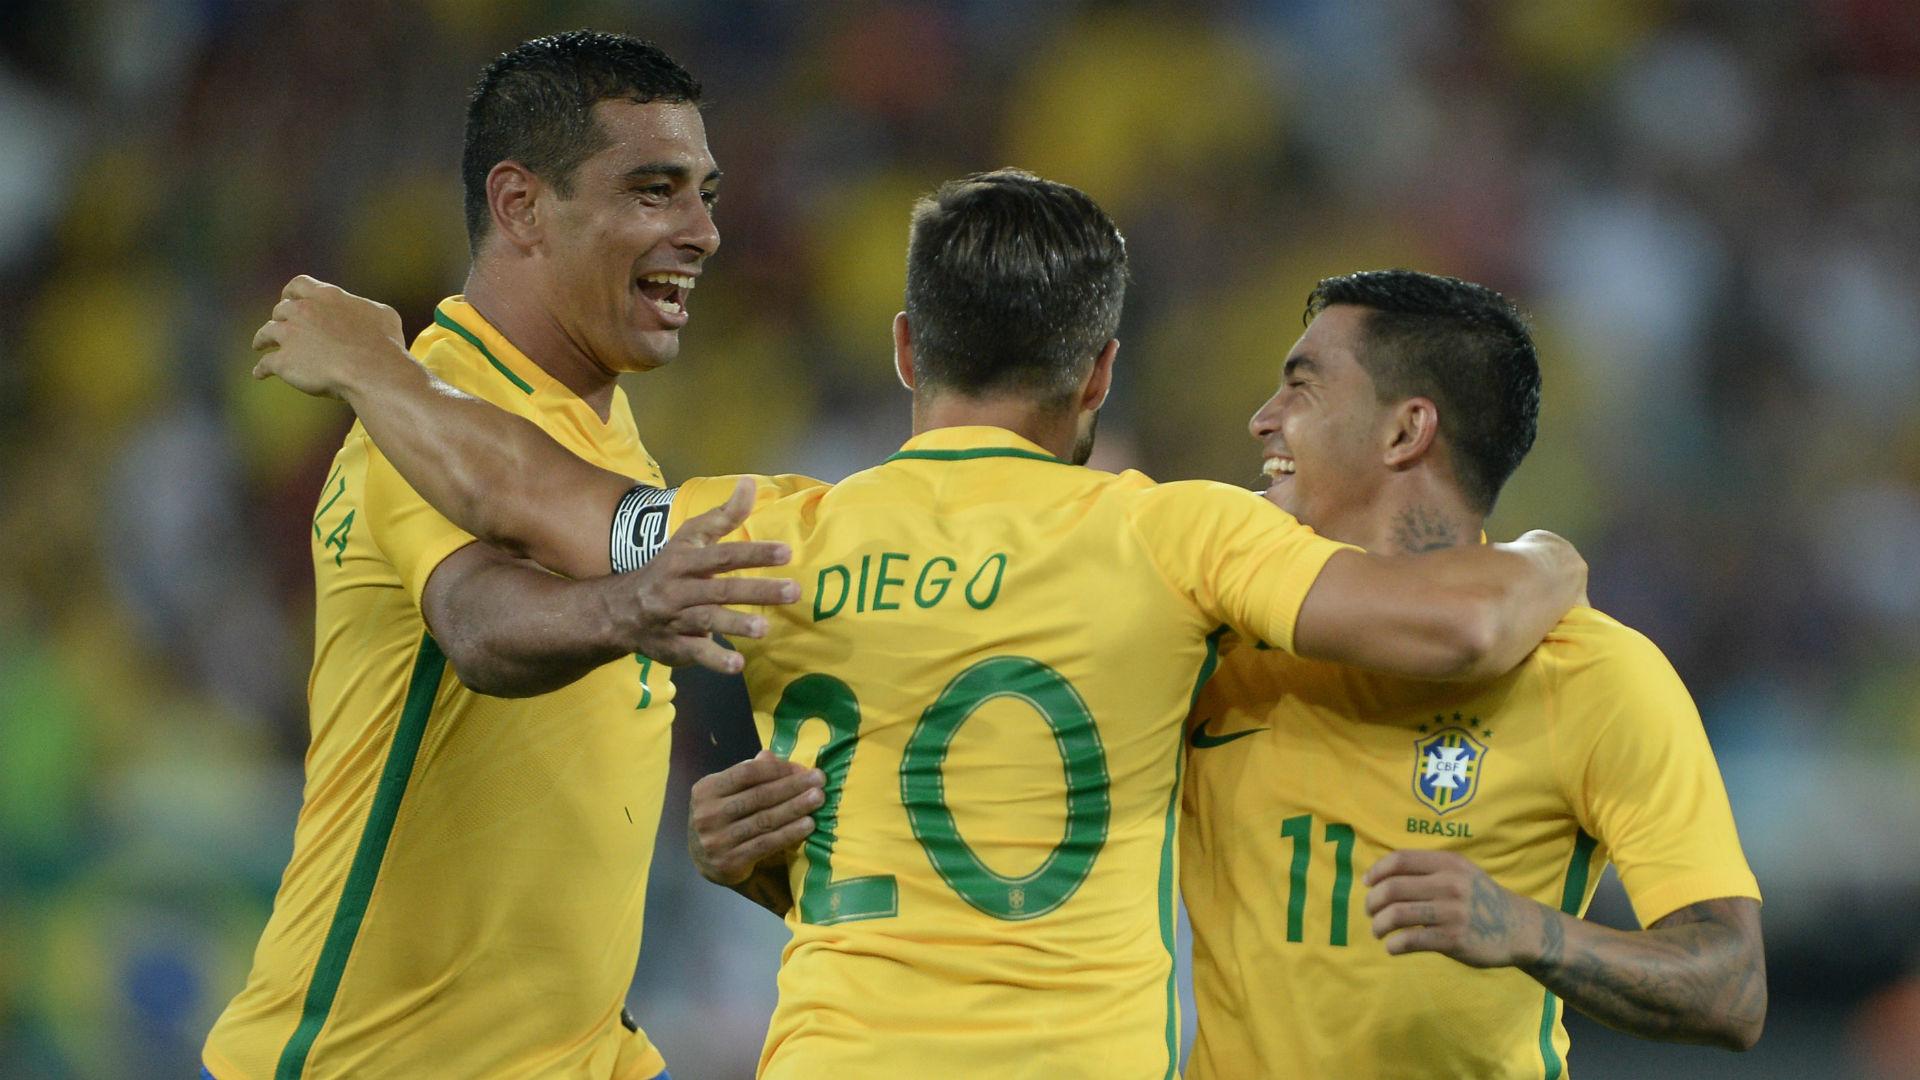 Diego Souza Diego Dudu Brasil Colombia  amistoso 25 012017